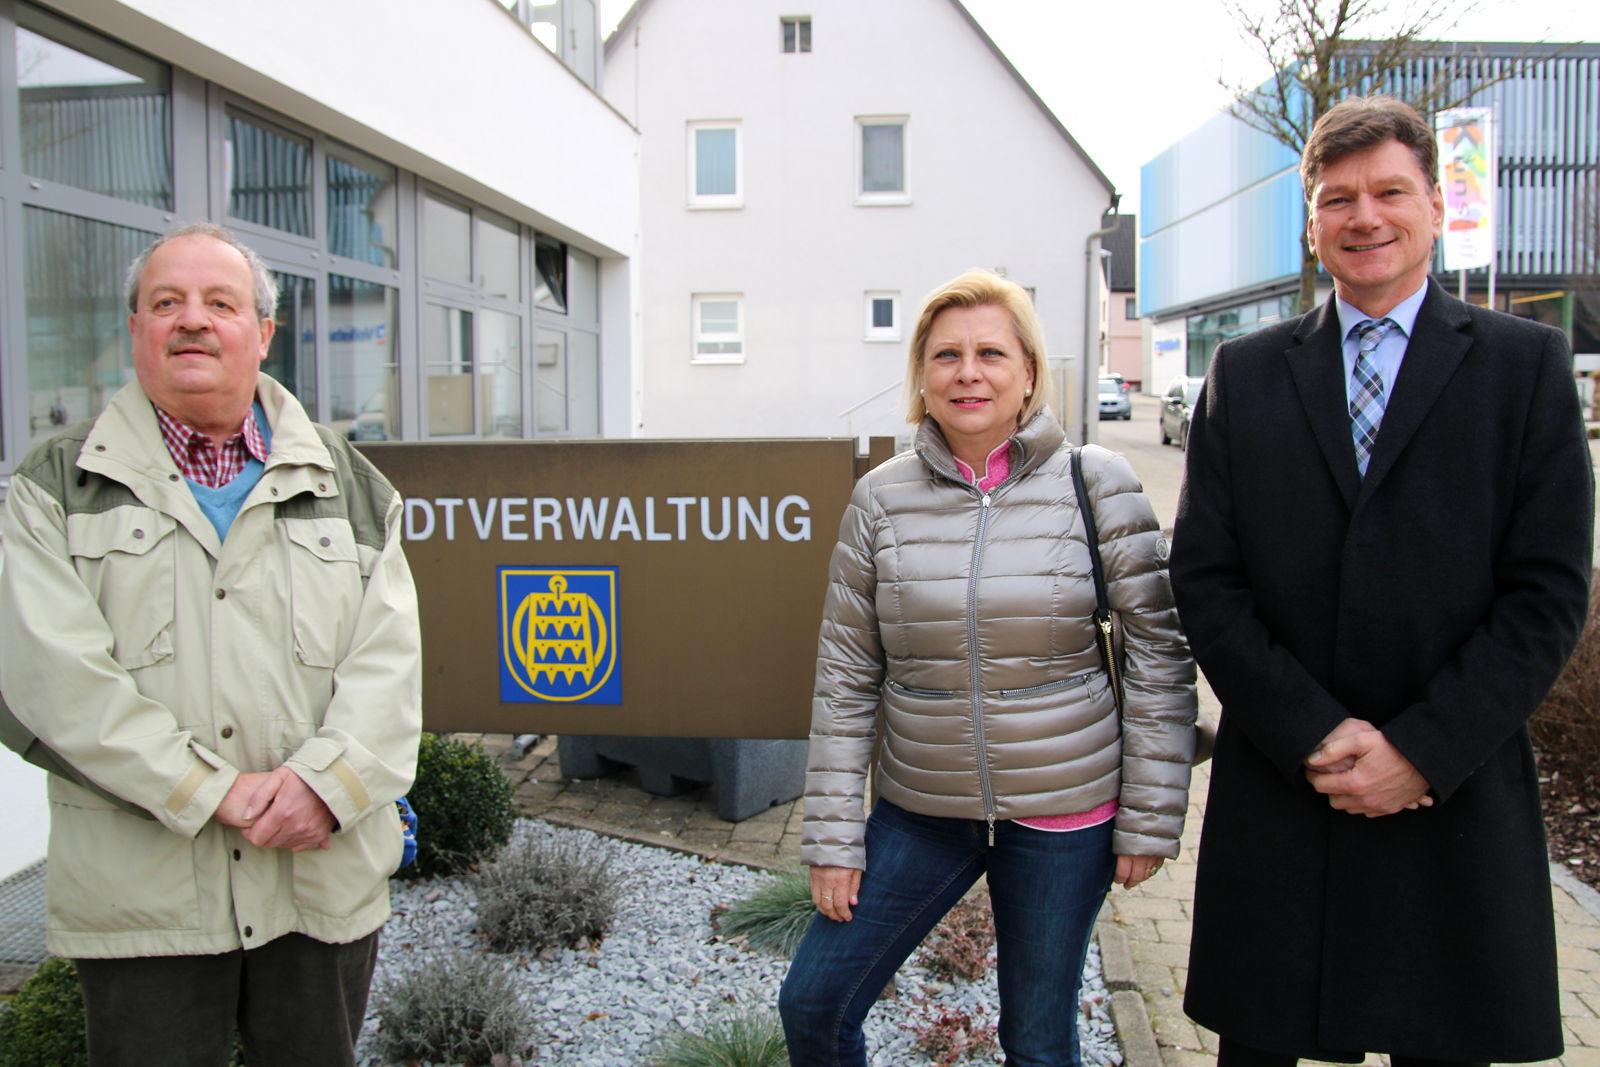 vlnr. Walter Schreyer, Vorsitzender des SPD-Ortsvereins Laichingen, Hilde Mattheis, Mitglied des Bundestags, Bürgermeister Klaus Kaufmann